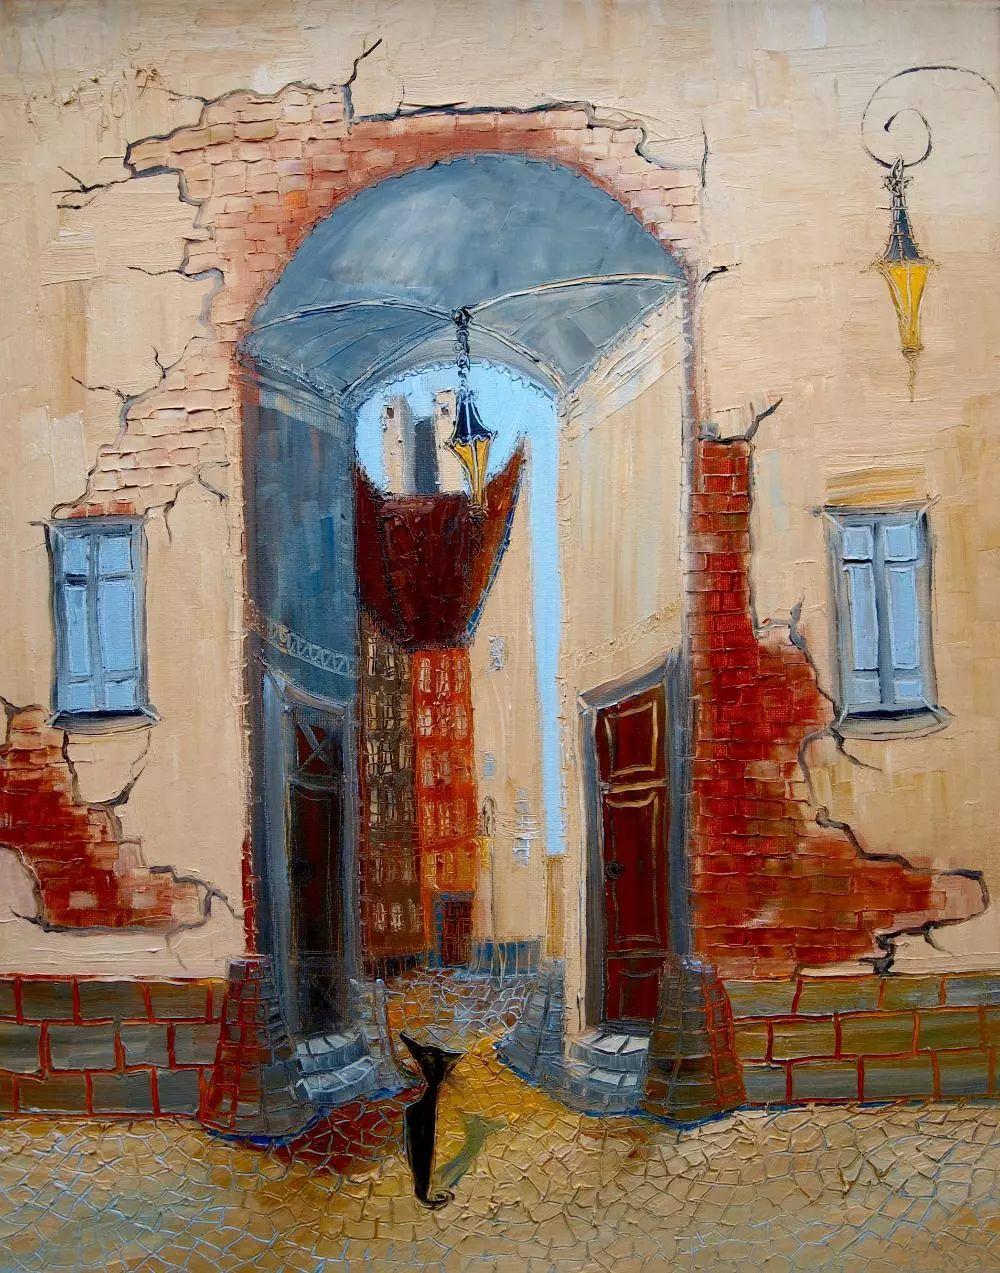 街景油画 波兰女艺术家Justyna Kopania插图25